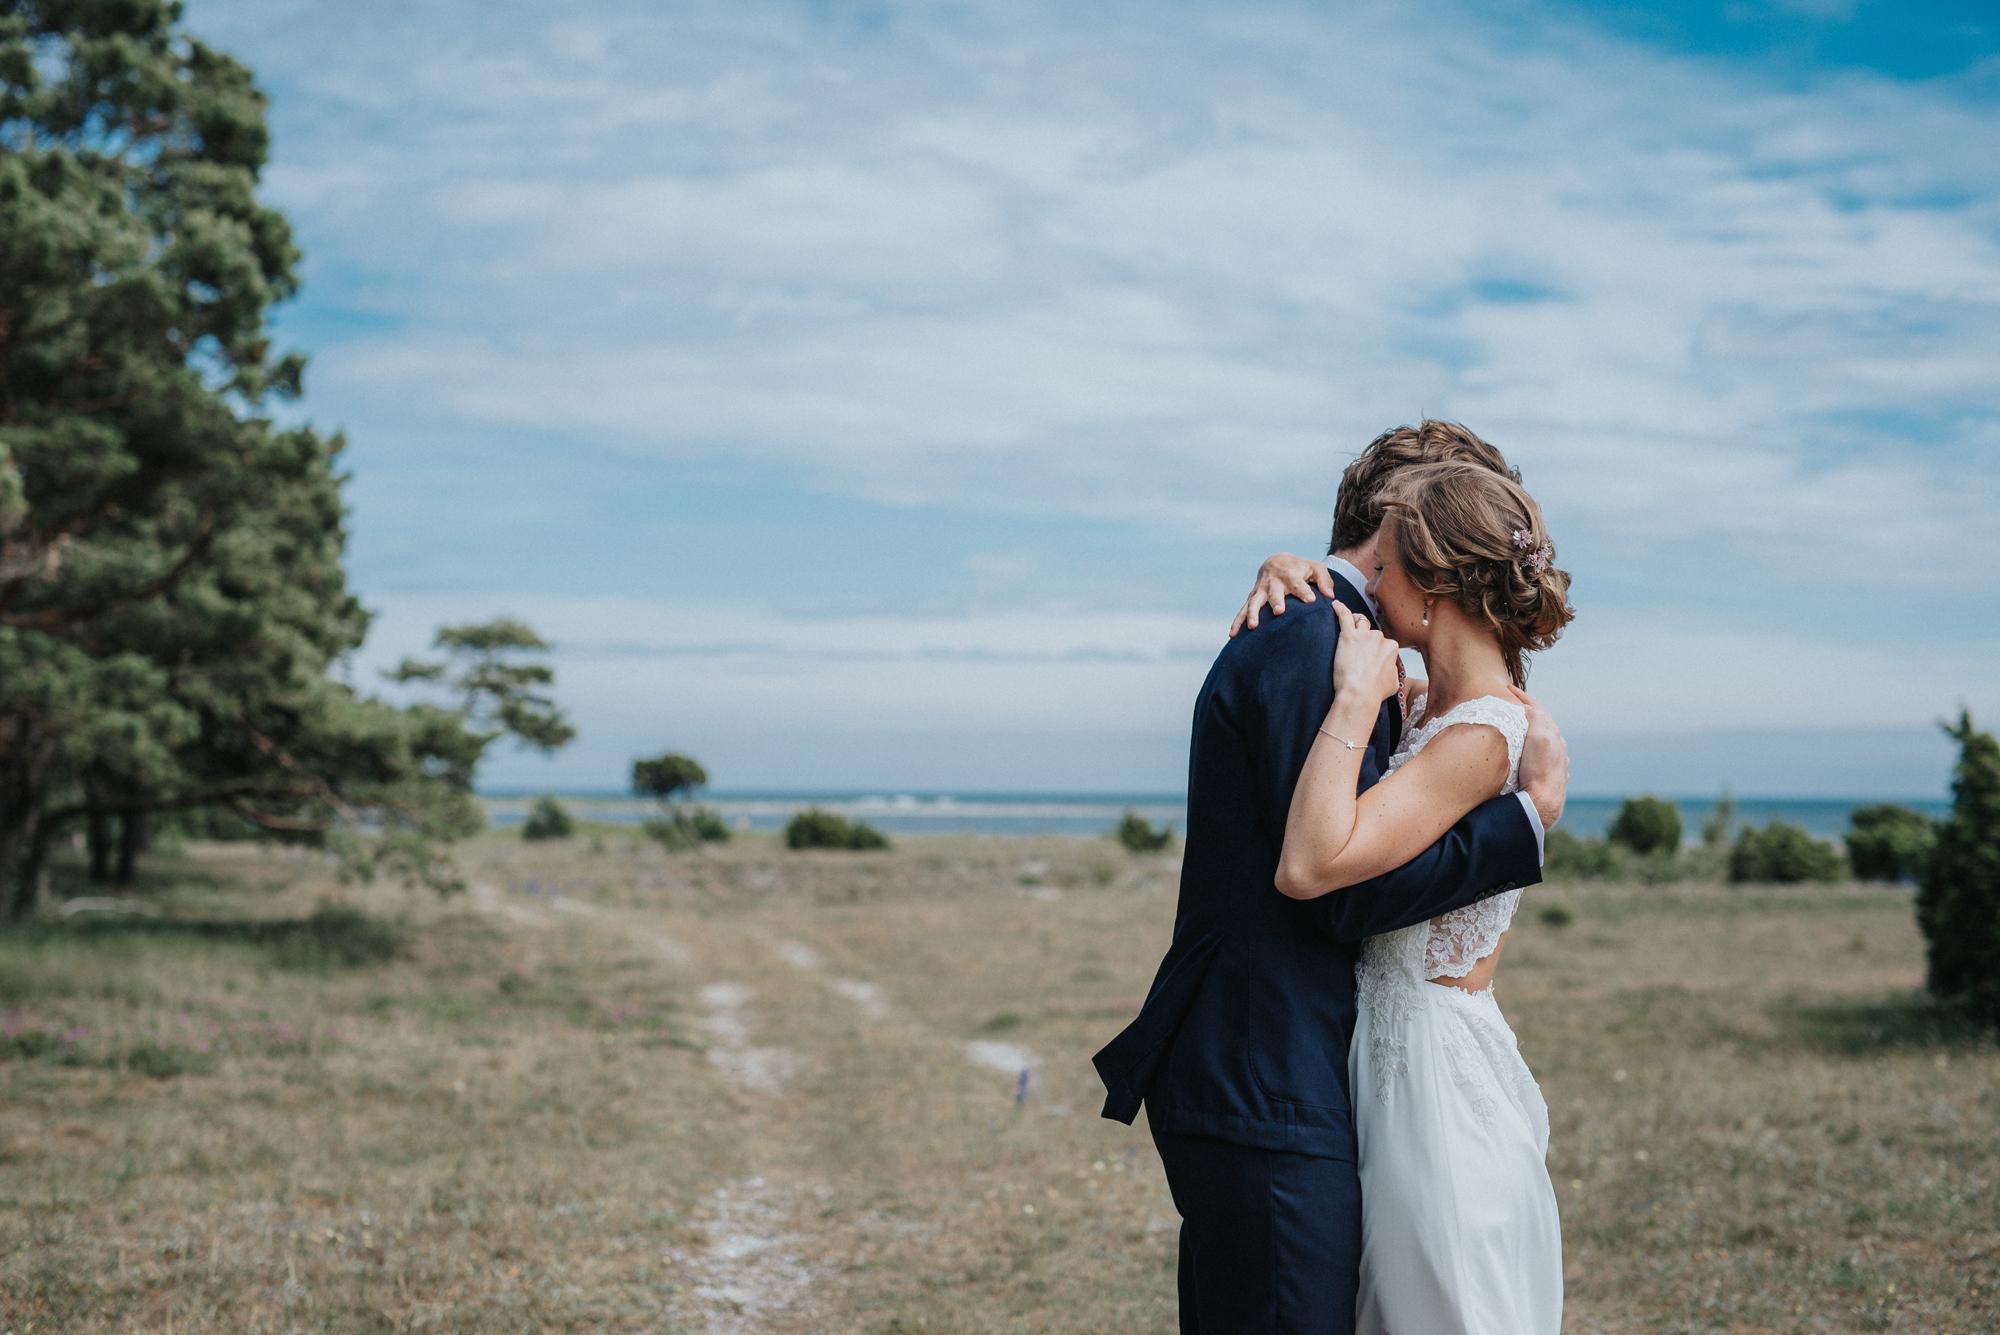 006-bröllop-närsholmen-gotland-neas-fotografi.jpg